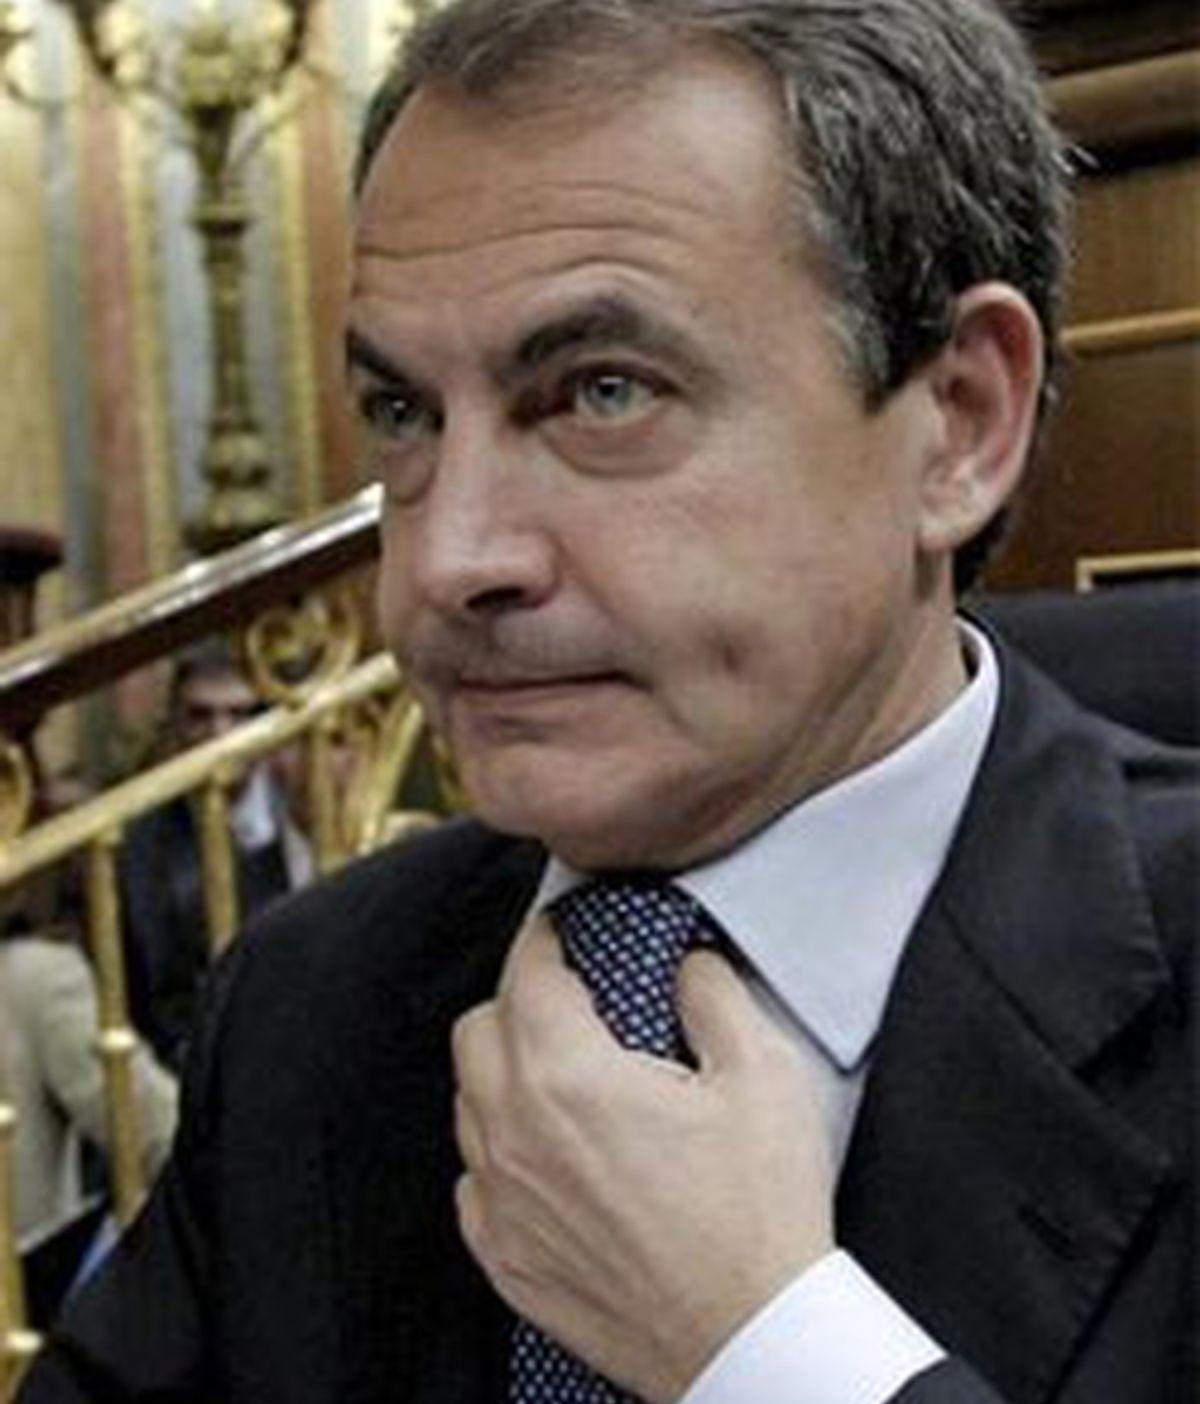 La decisión de José Luis Rodríguez Zapatero de eliminar la prestación de 426 euros para parados sin cobertura ha contribuido también a calmar los mercados. FOTO: EFE